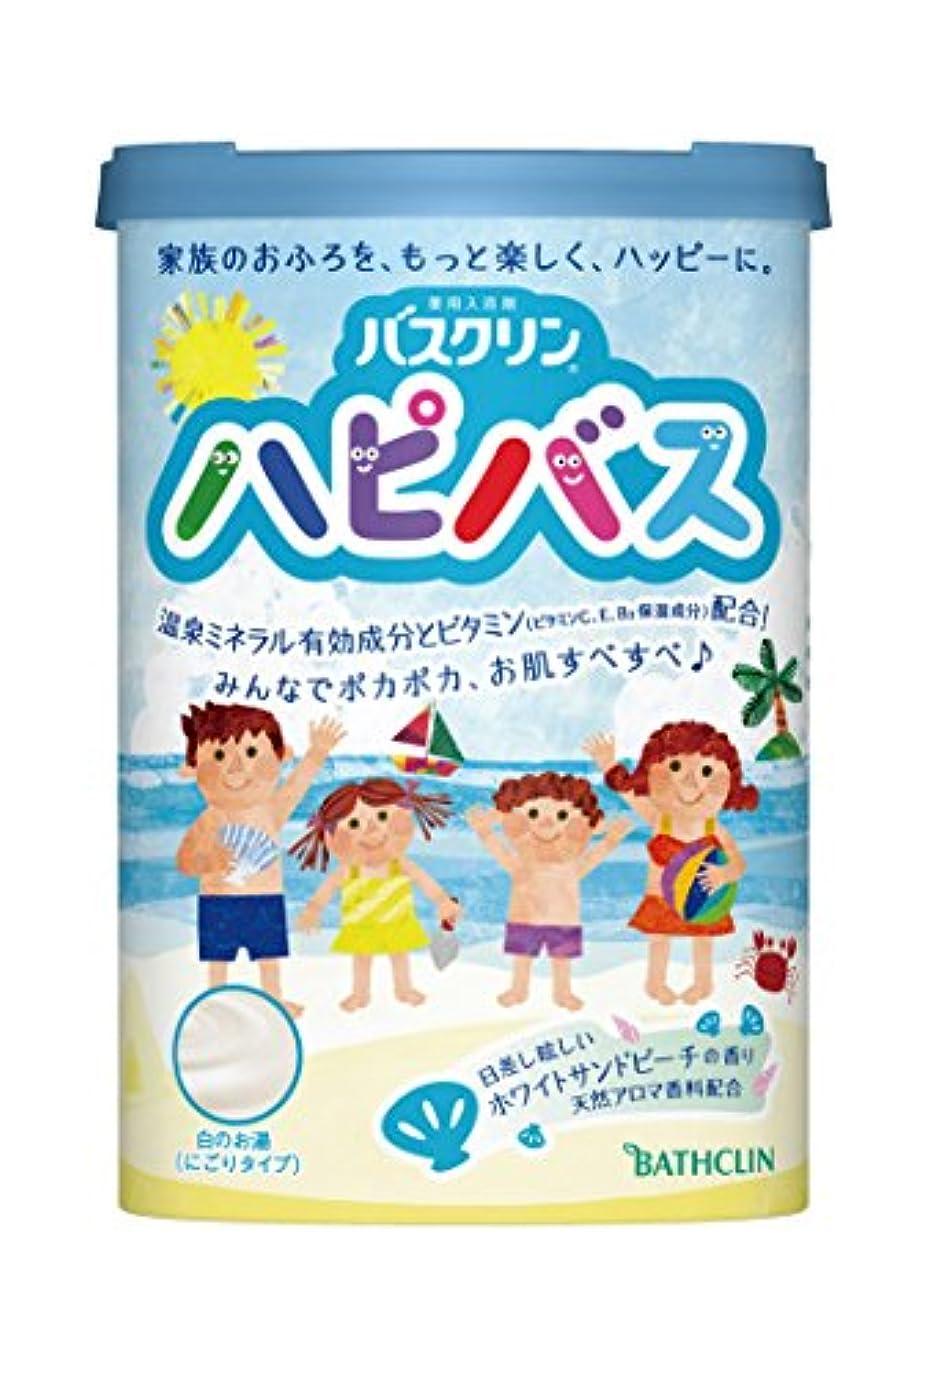 納得させる暖かさメンタルバスクリン ハピバス 日差し眩しいホワイトサンドビーチの香り 600g にごりタイプ 入浴剤 (医薬部外品)